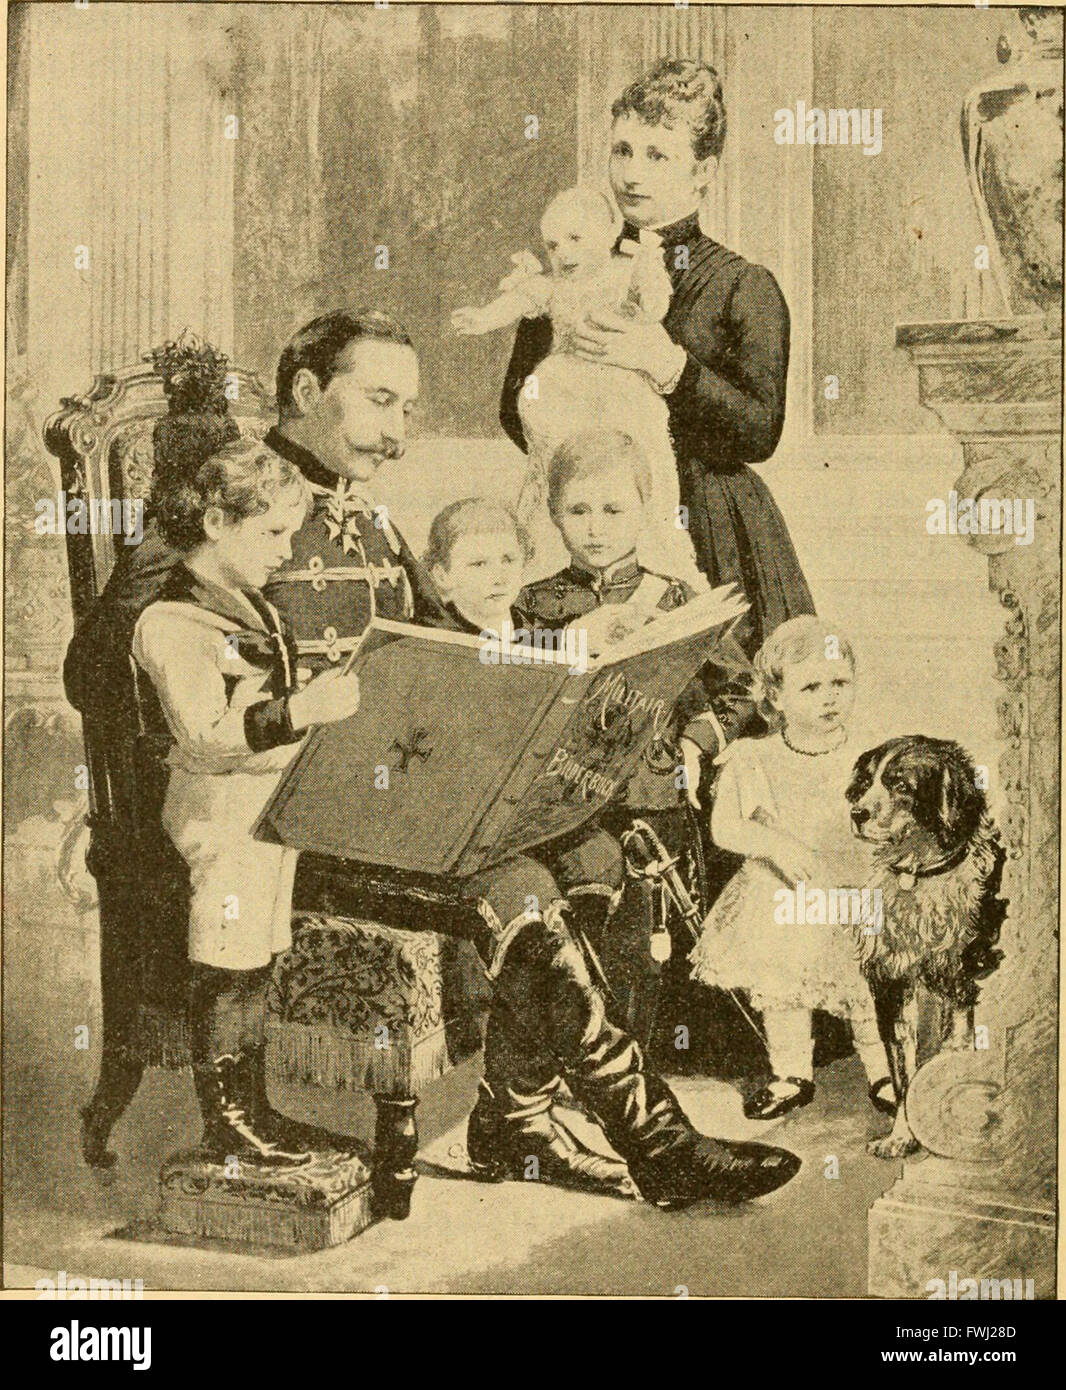 Dentro de los palacios reales, un brillante y encantadoramente escrita vista interior de emperadores, reyes, reinas, príncipes y princesas (1892) Foto de stock